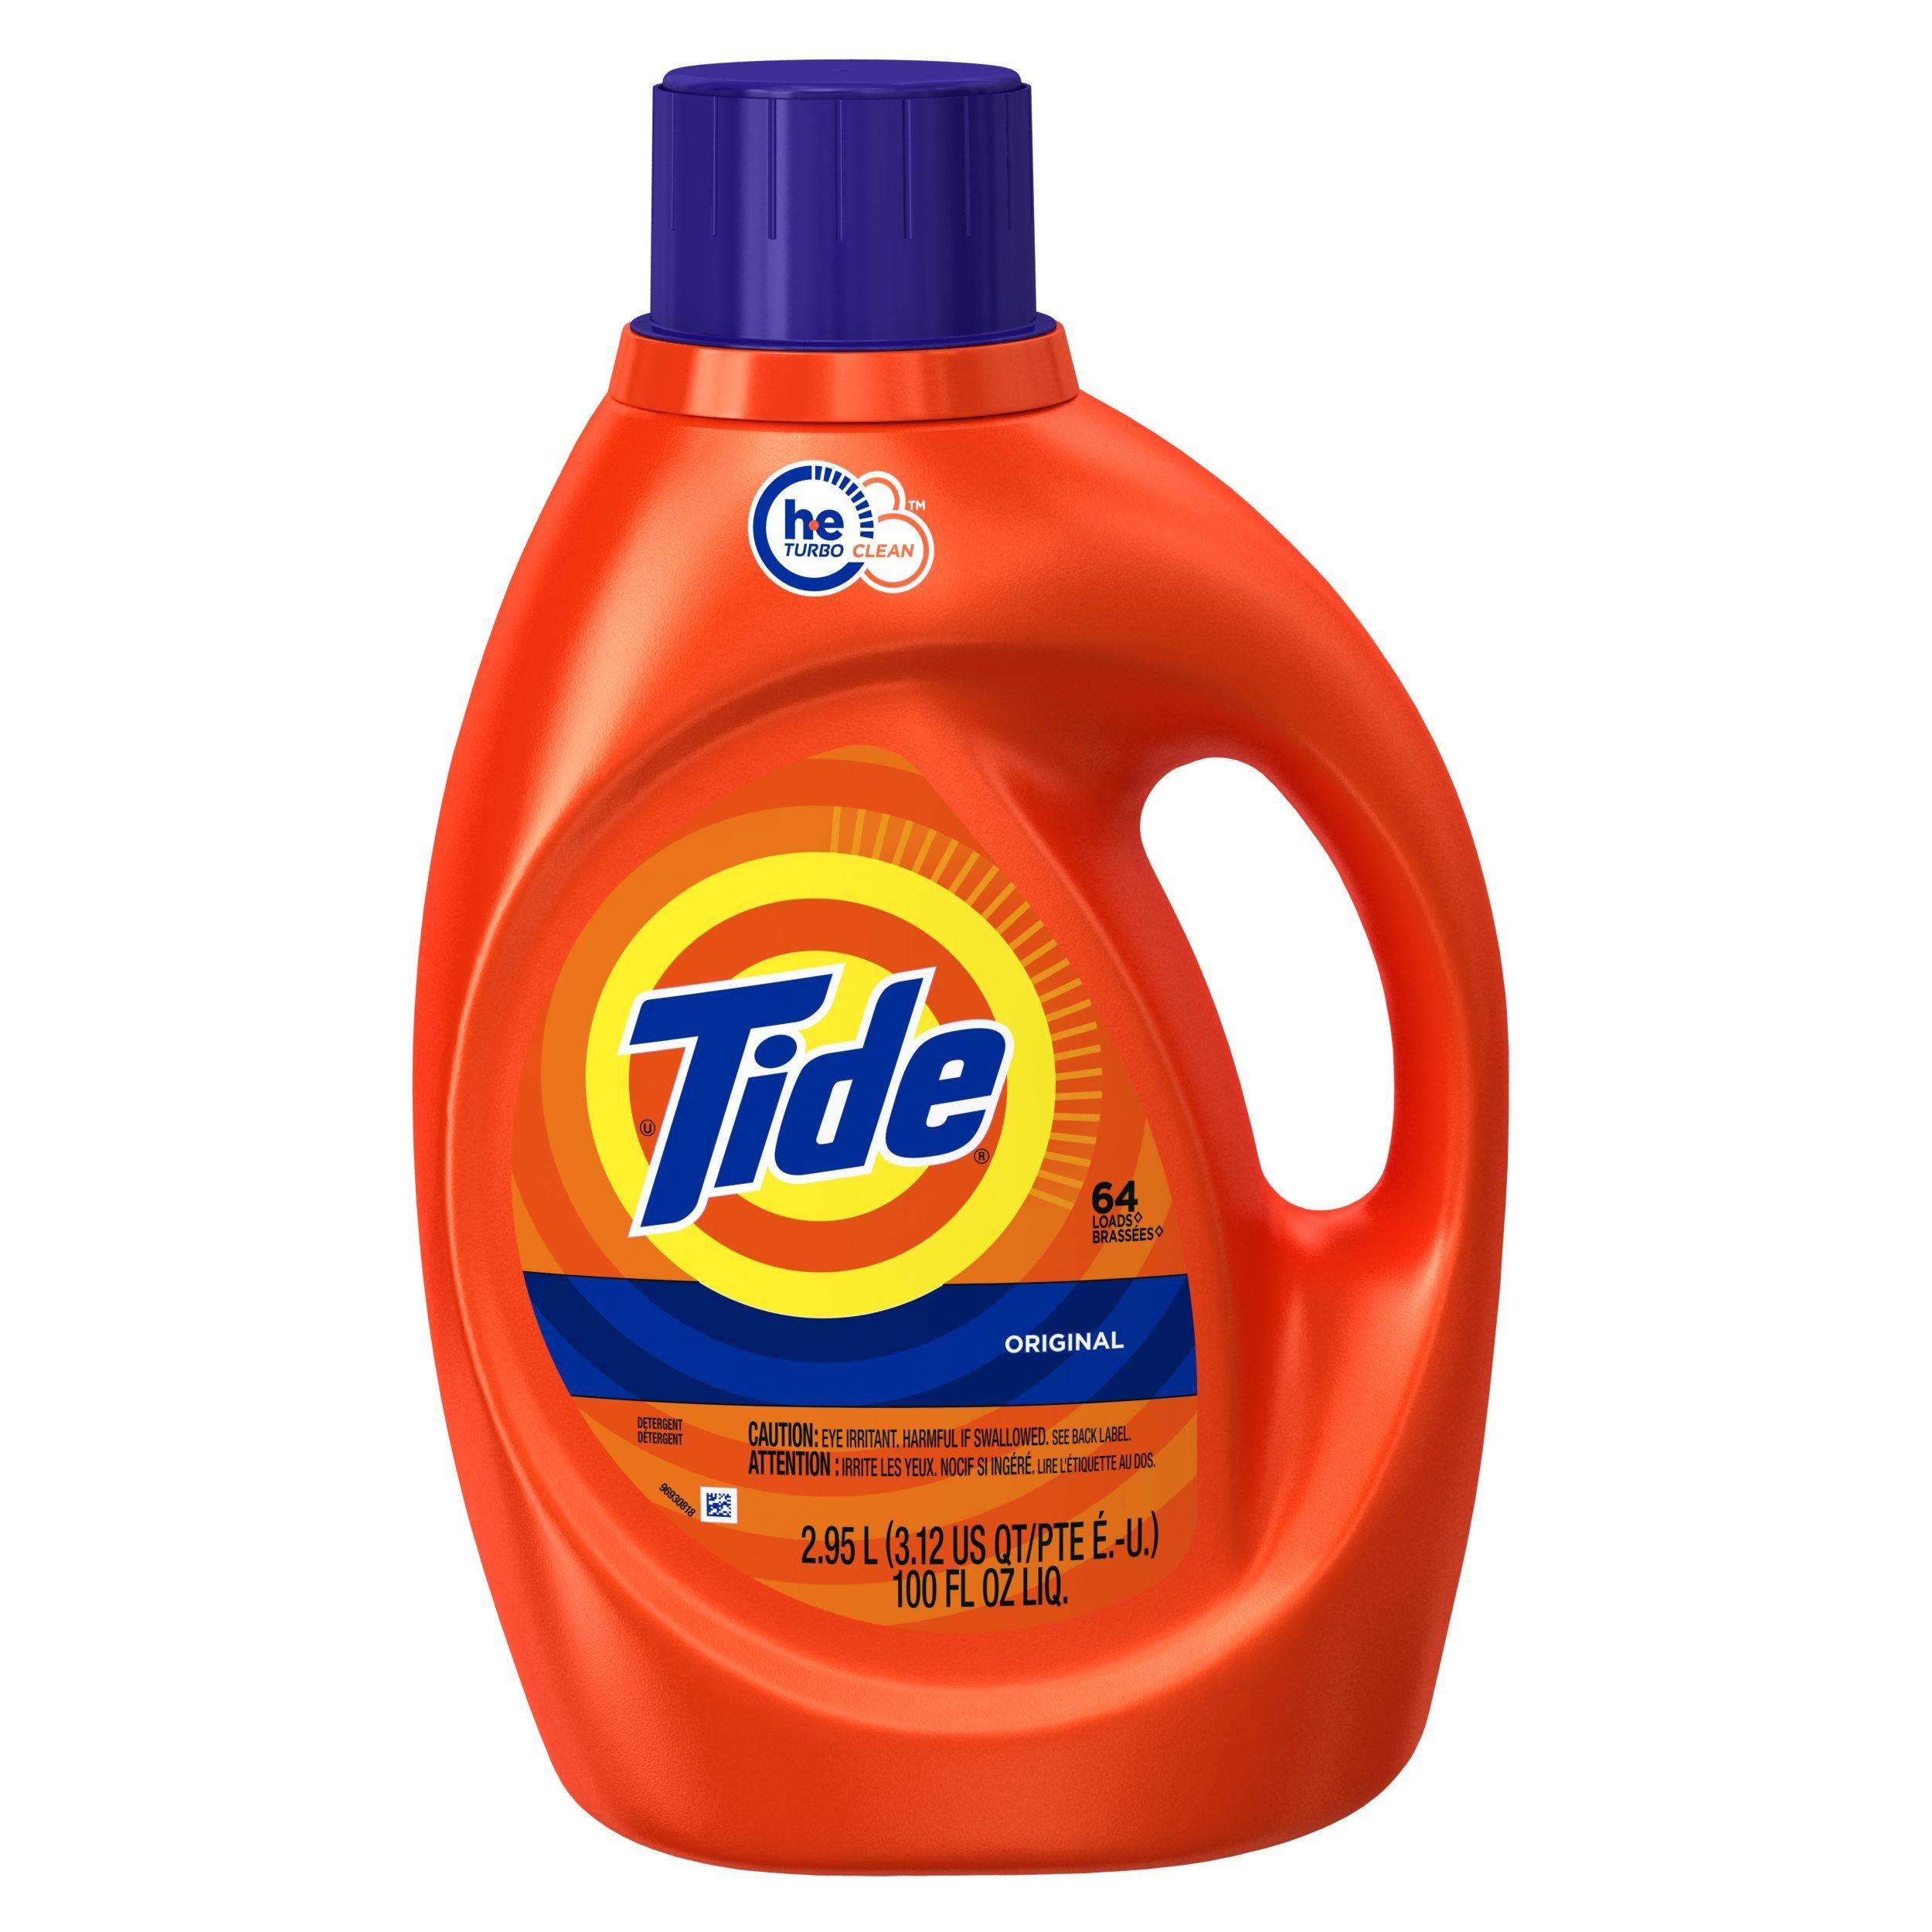 tide detergent, 100 Oz